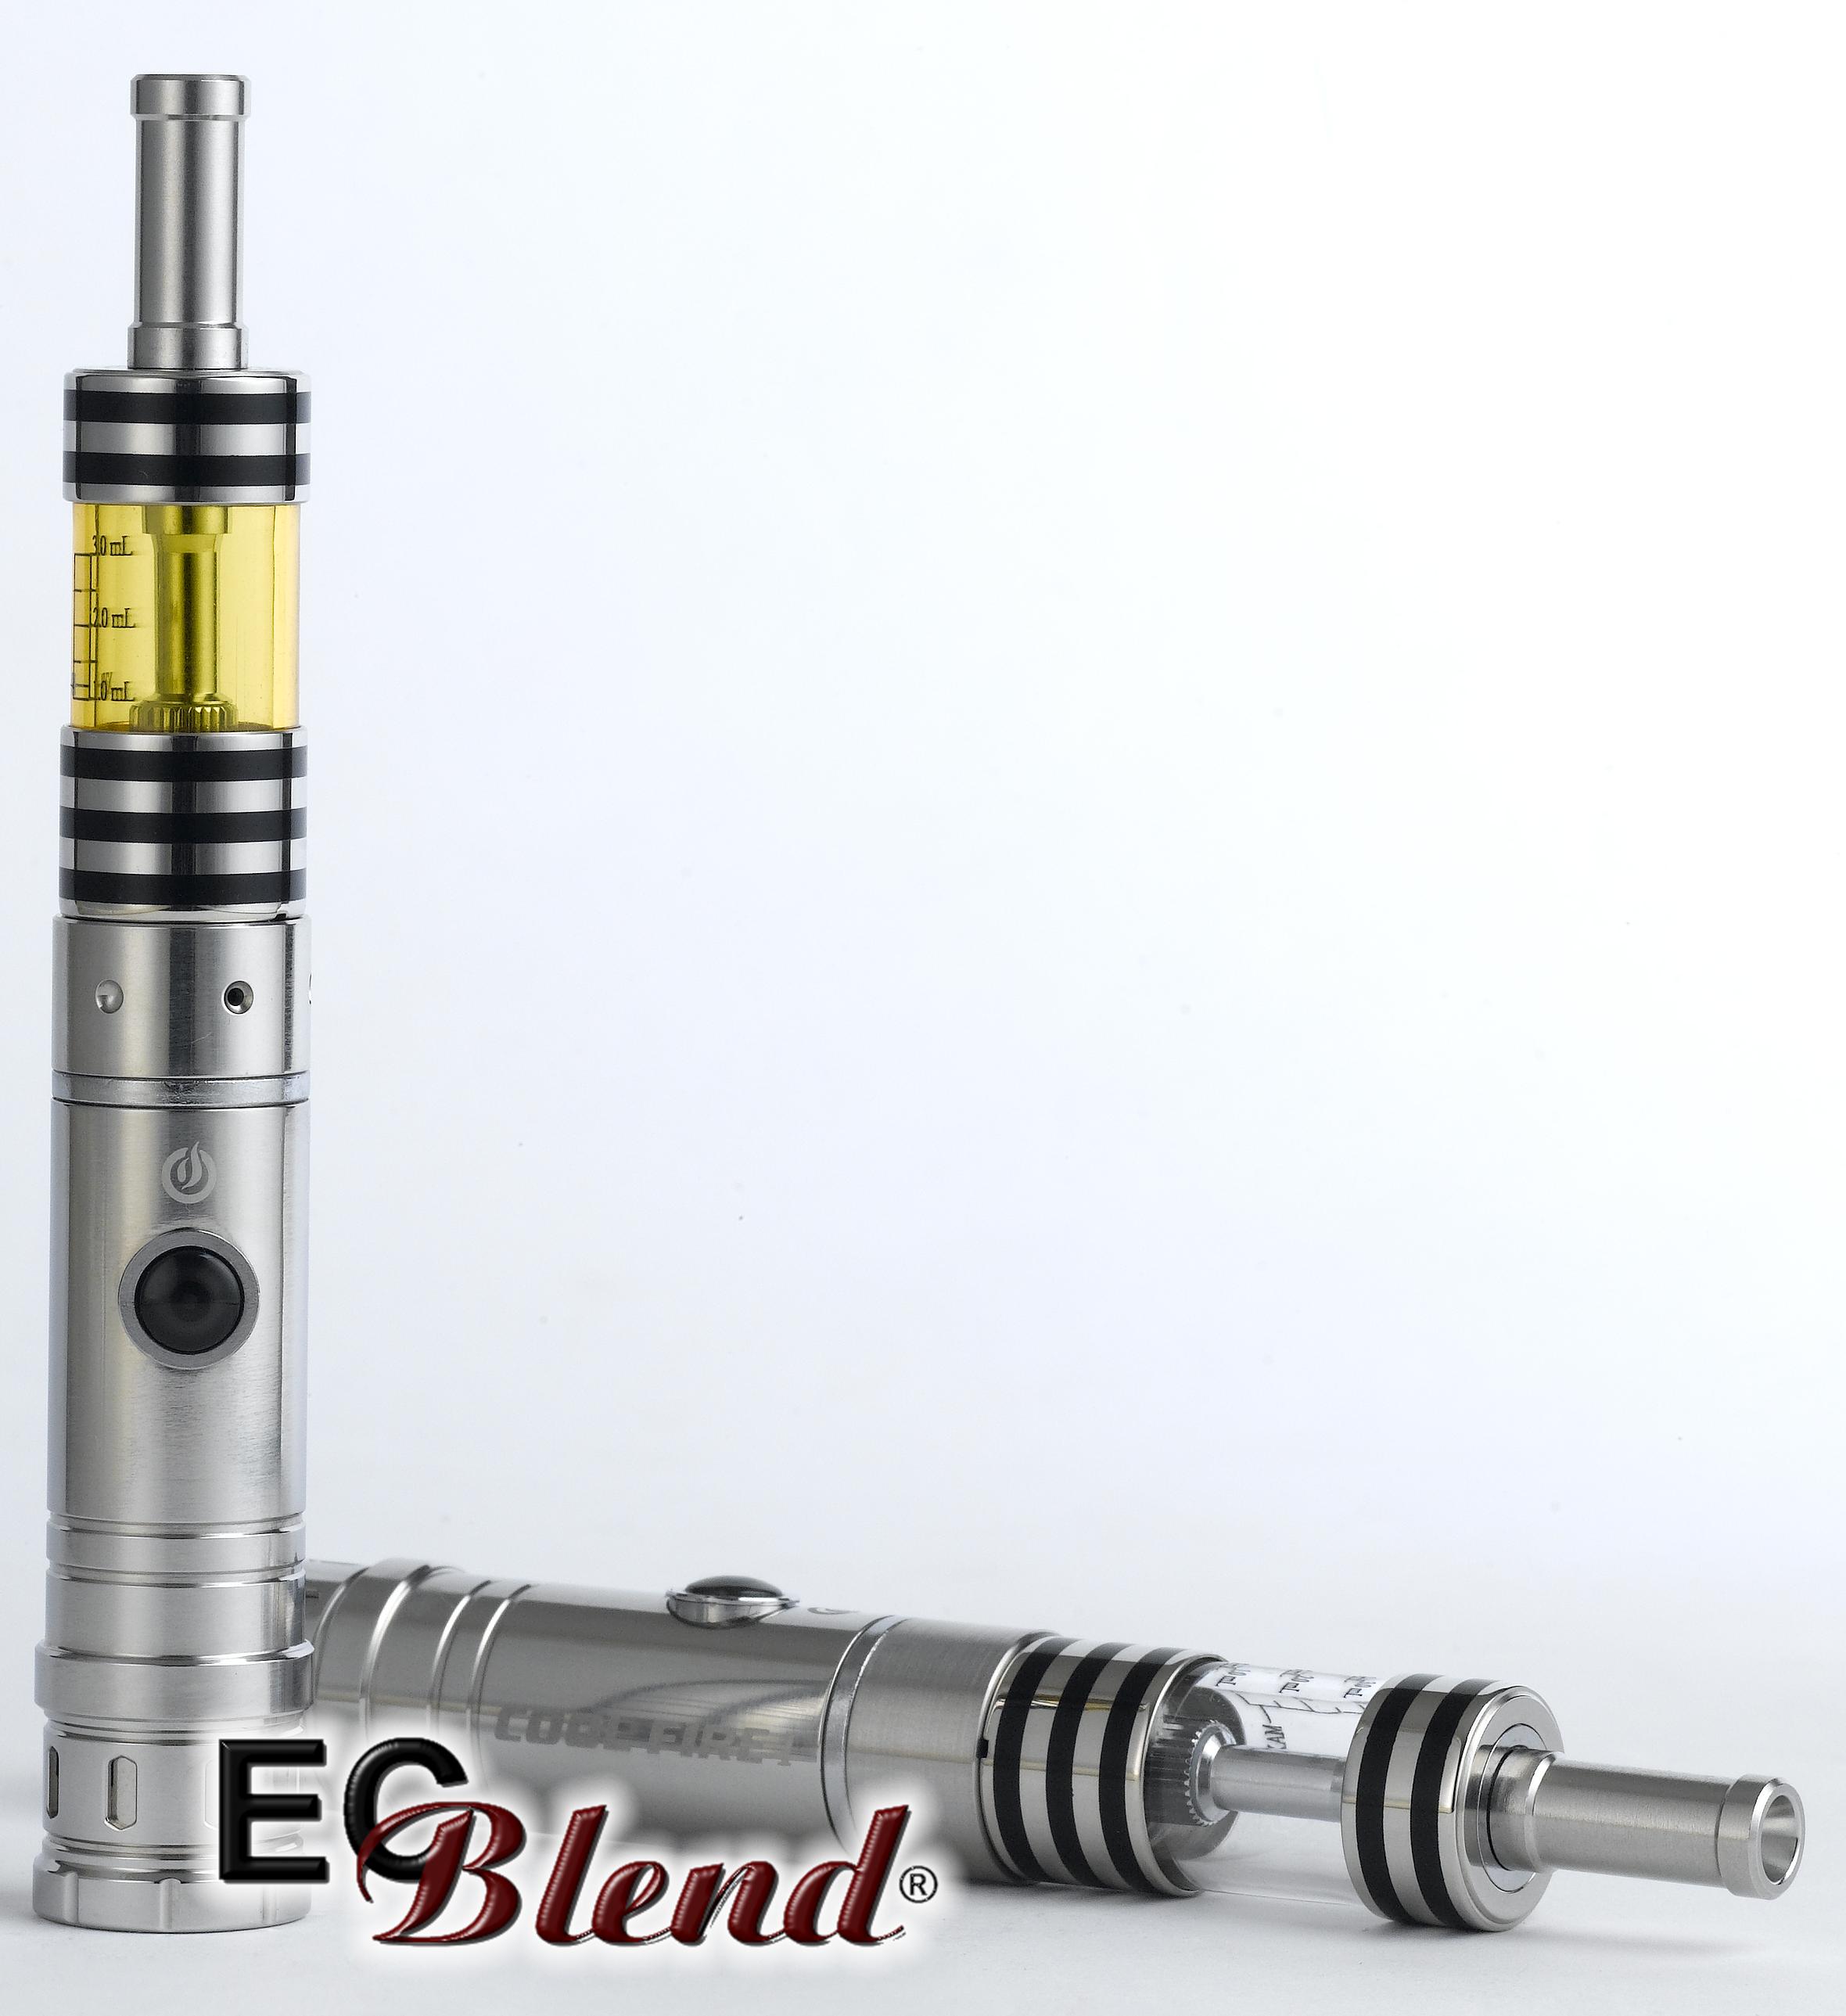 Personal Vaporizer E-Cig Innokin Coolfire I at ECBlend E-Liquid